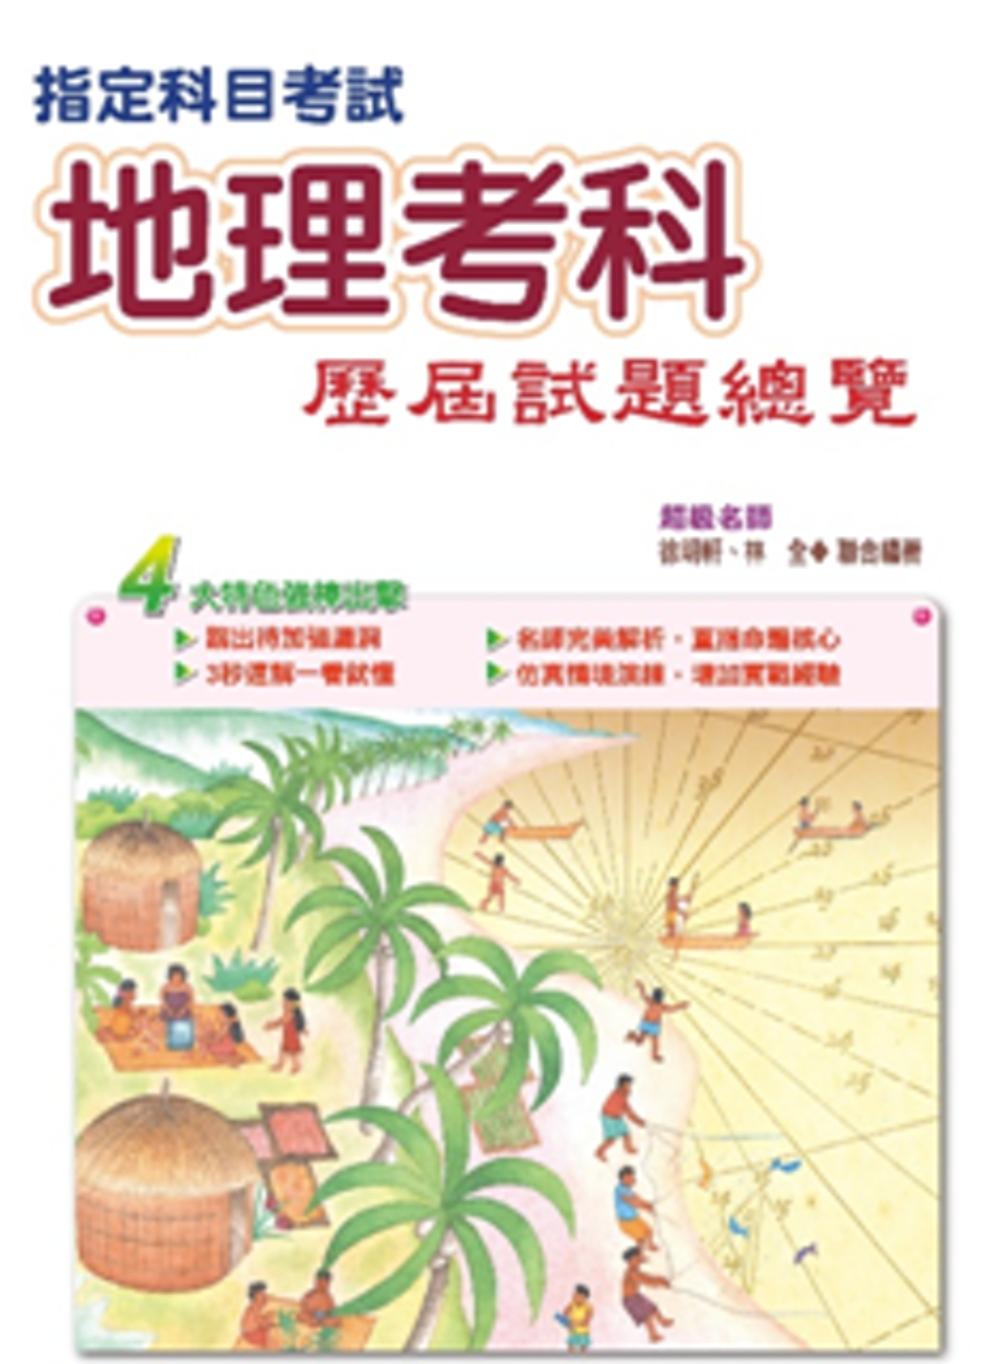 107指定科目考試地理考科歷屆試題總覽